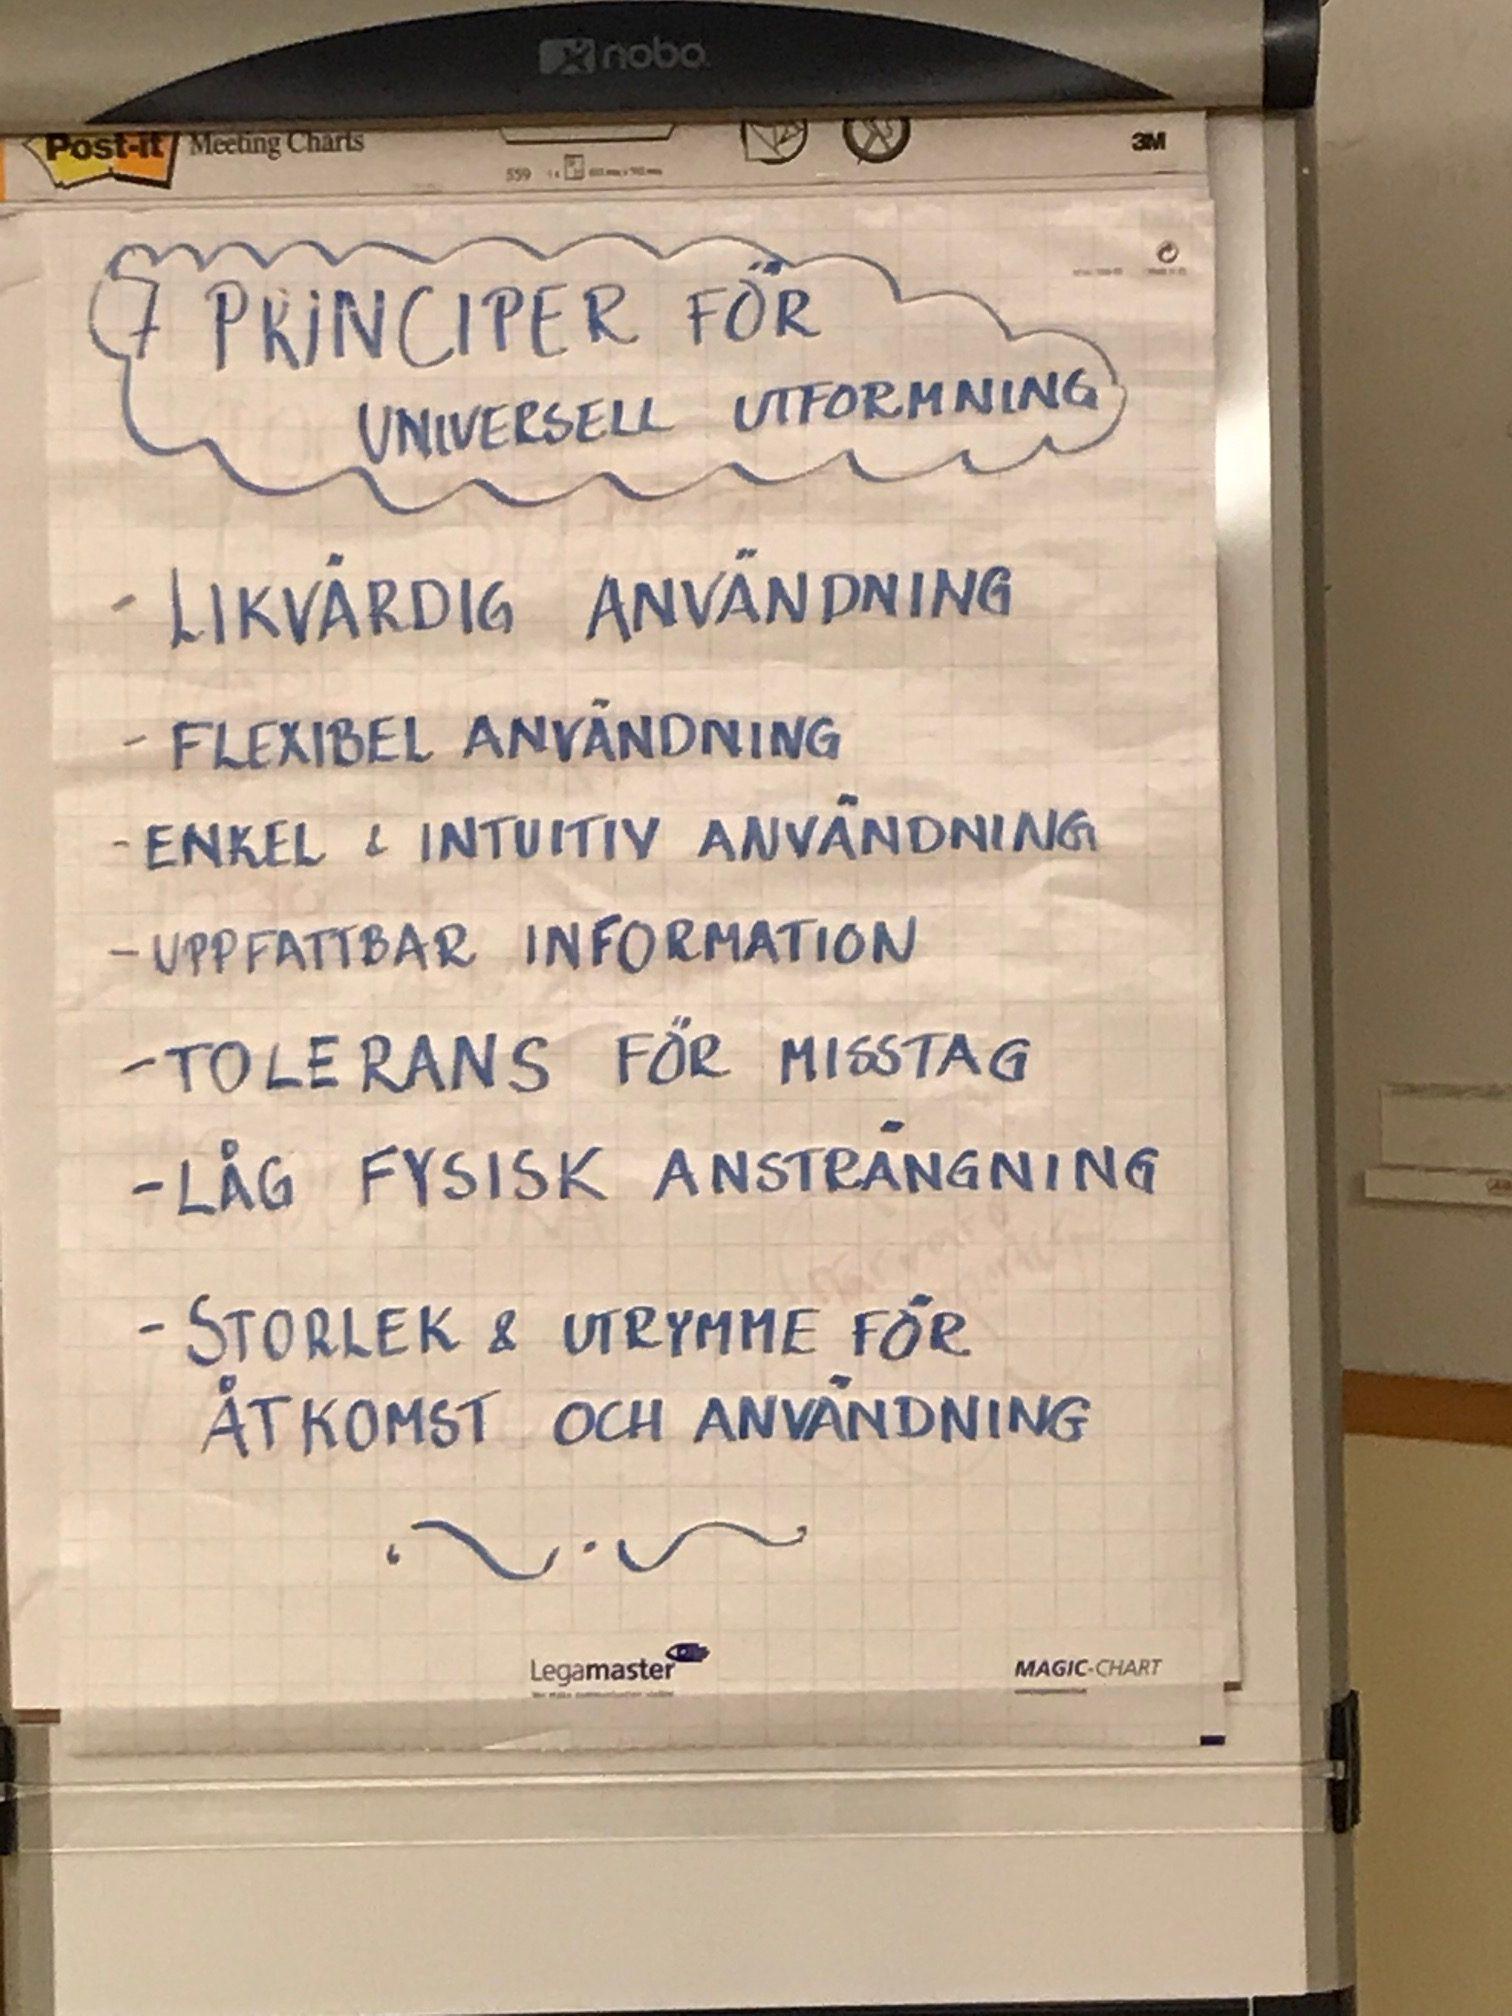 Sju principer för Universell utformning